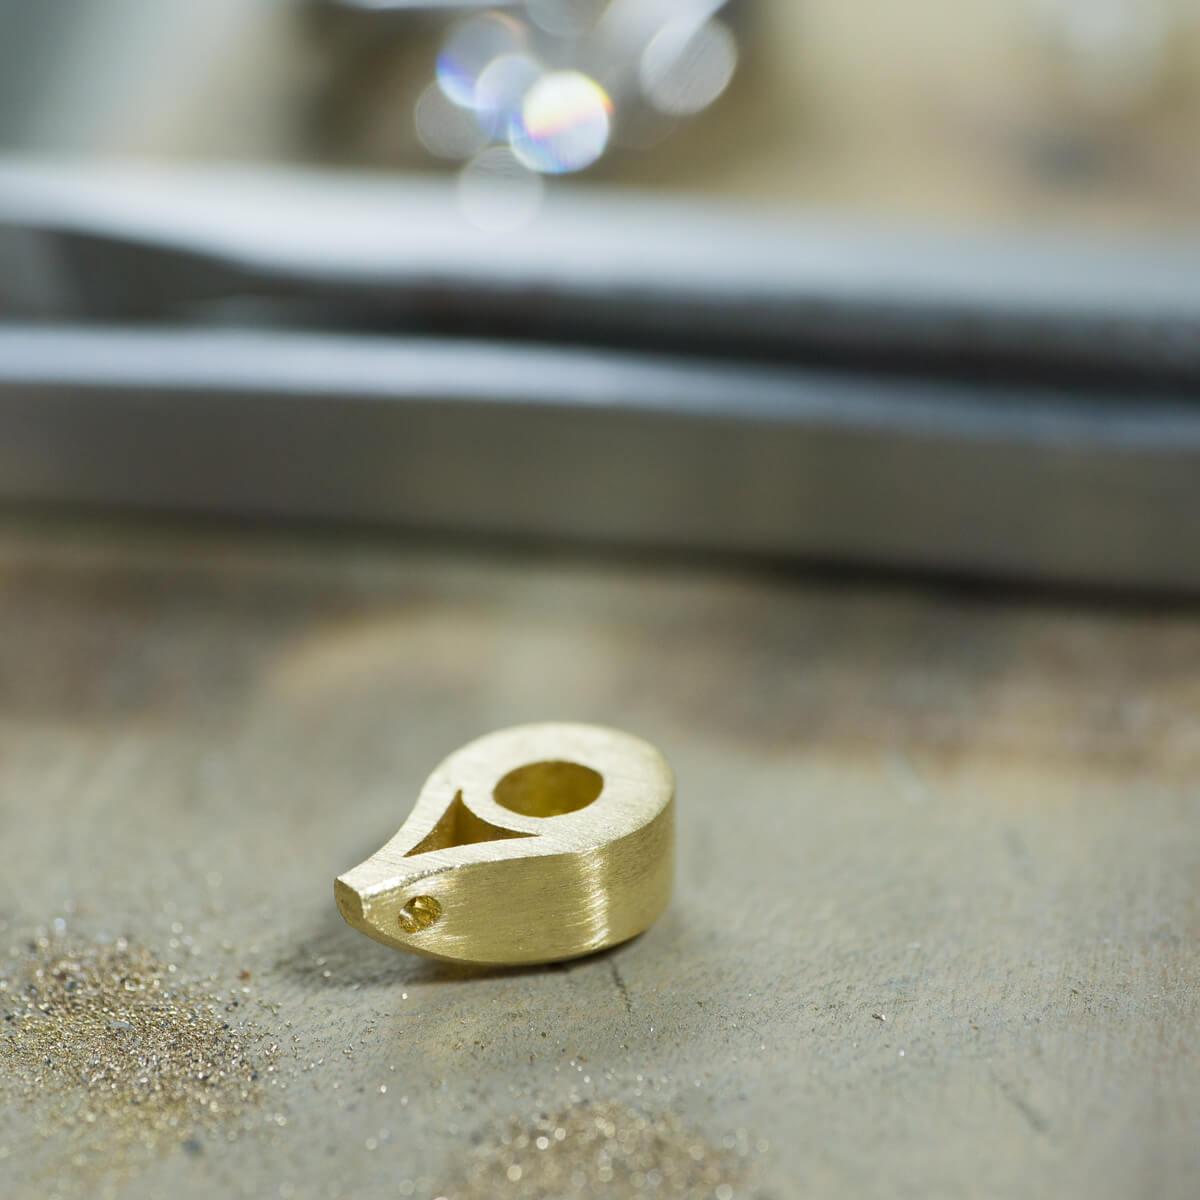 オーダーメイドジュエリーの制作風景 ジュエリーのアトリエ ゴールドのペンダントトップ 屋久島でリメイクジュエリー